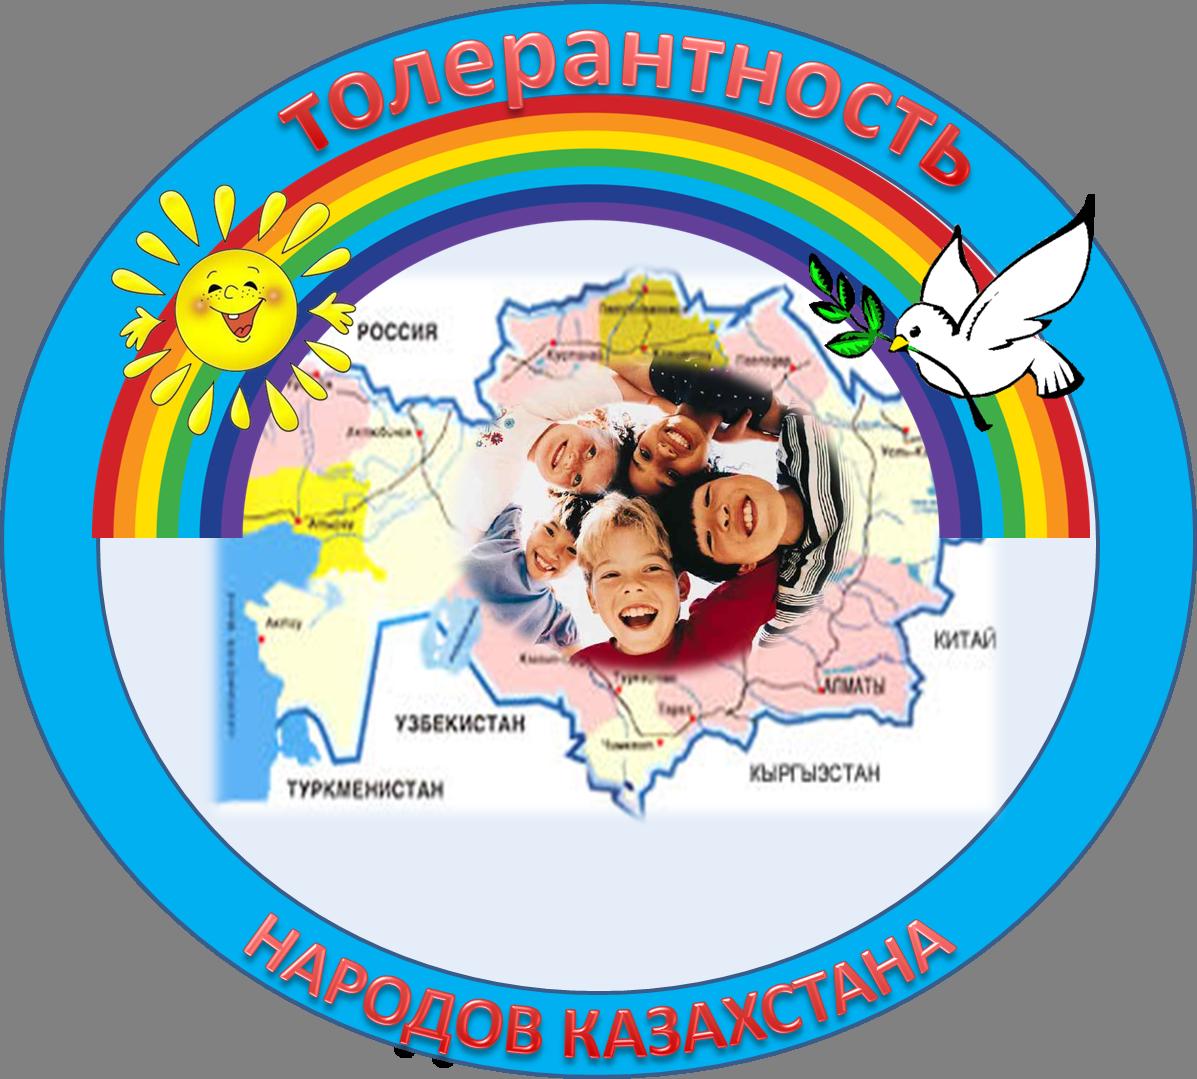 отдых постер о дружбе казахстана дом красивым